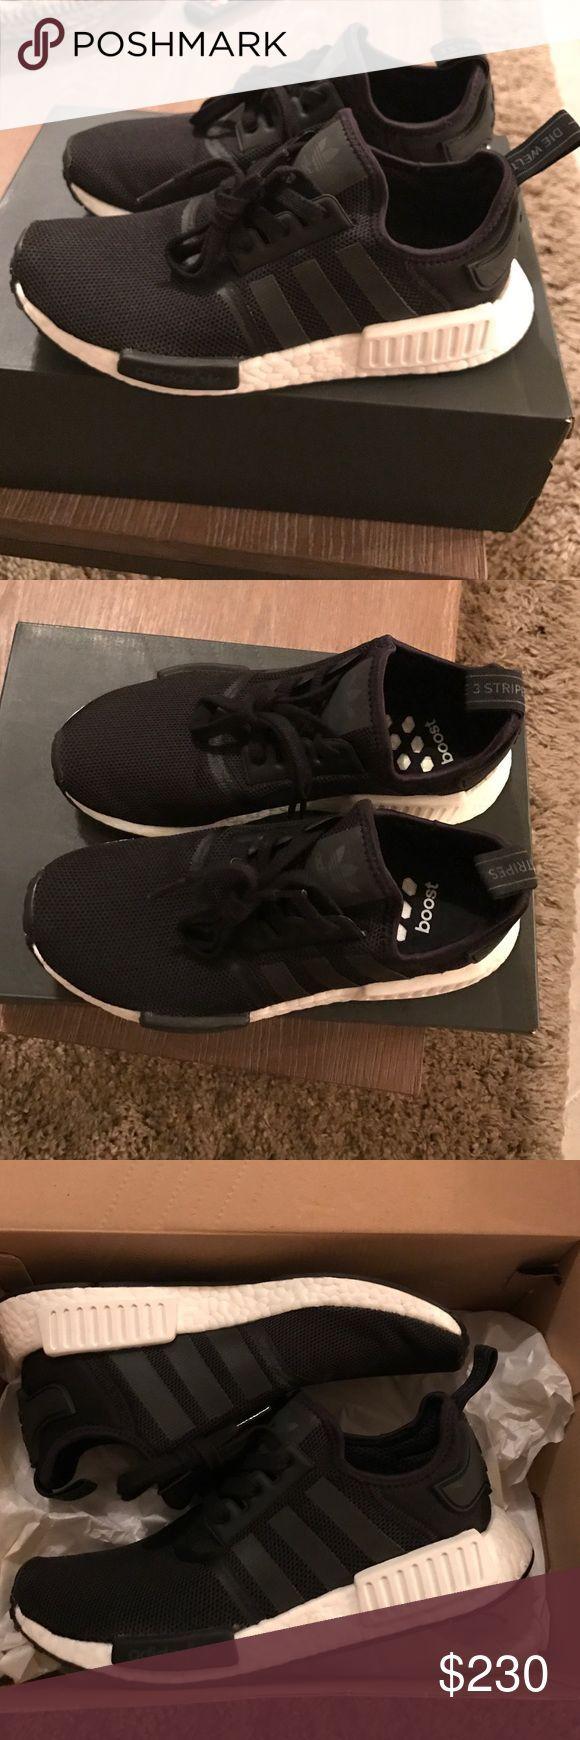 bella adidas scarpe adidas nmd donne adidas r1 nmd per - 8